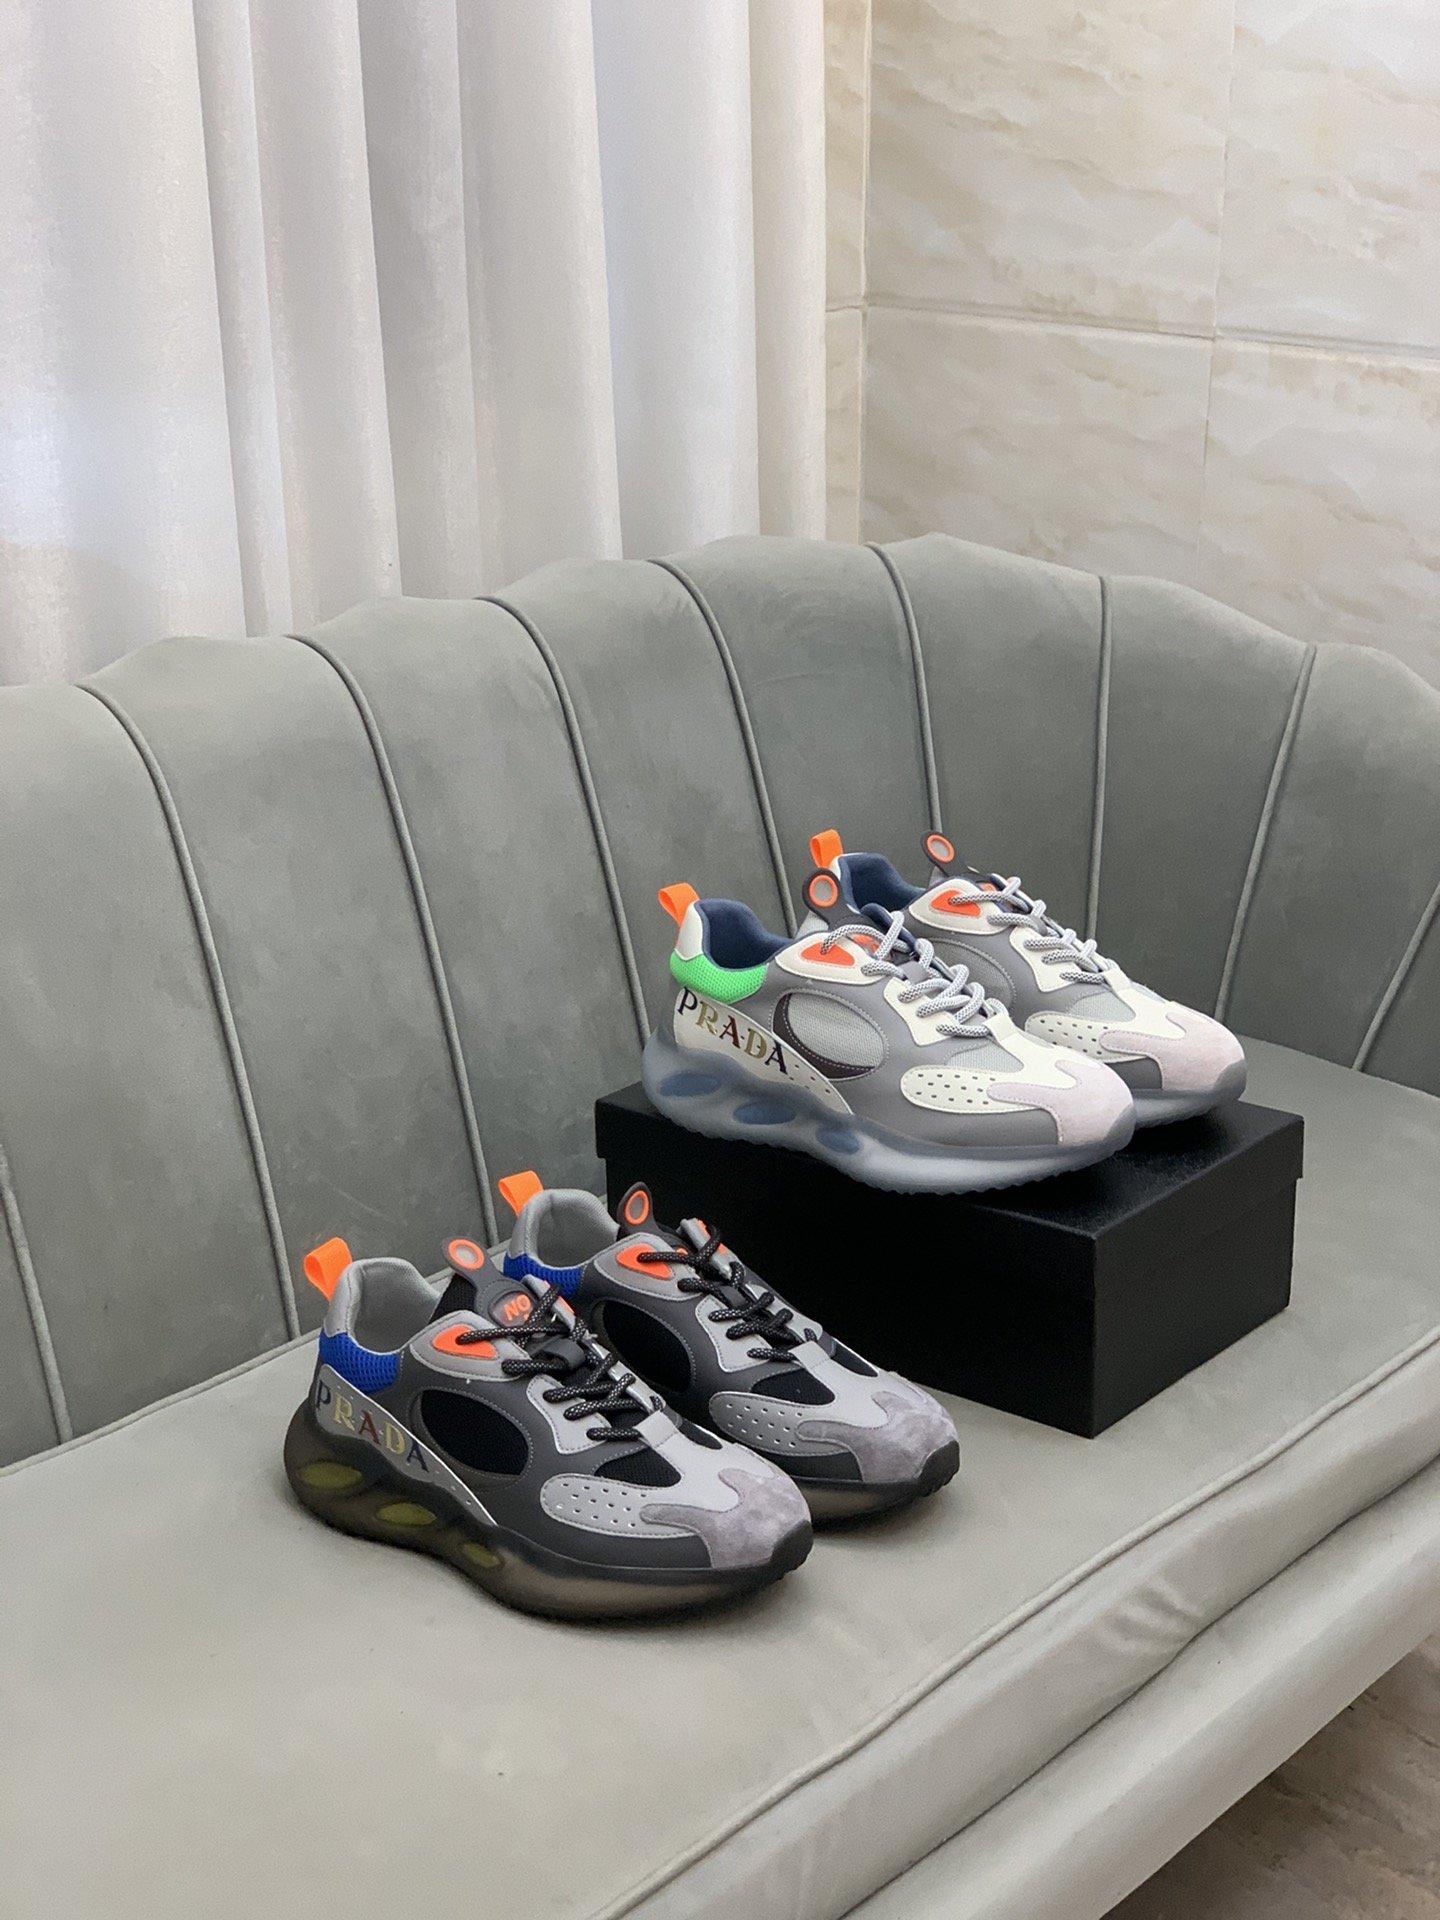 Prad*普拉*]低帮运动鞋正码码数